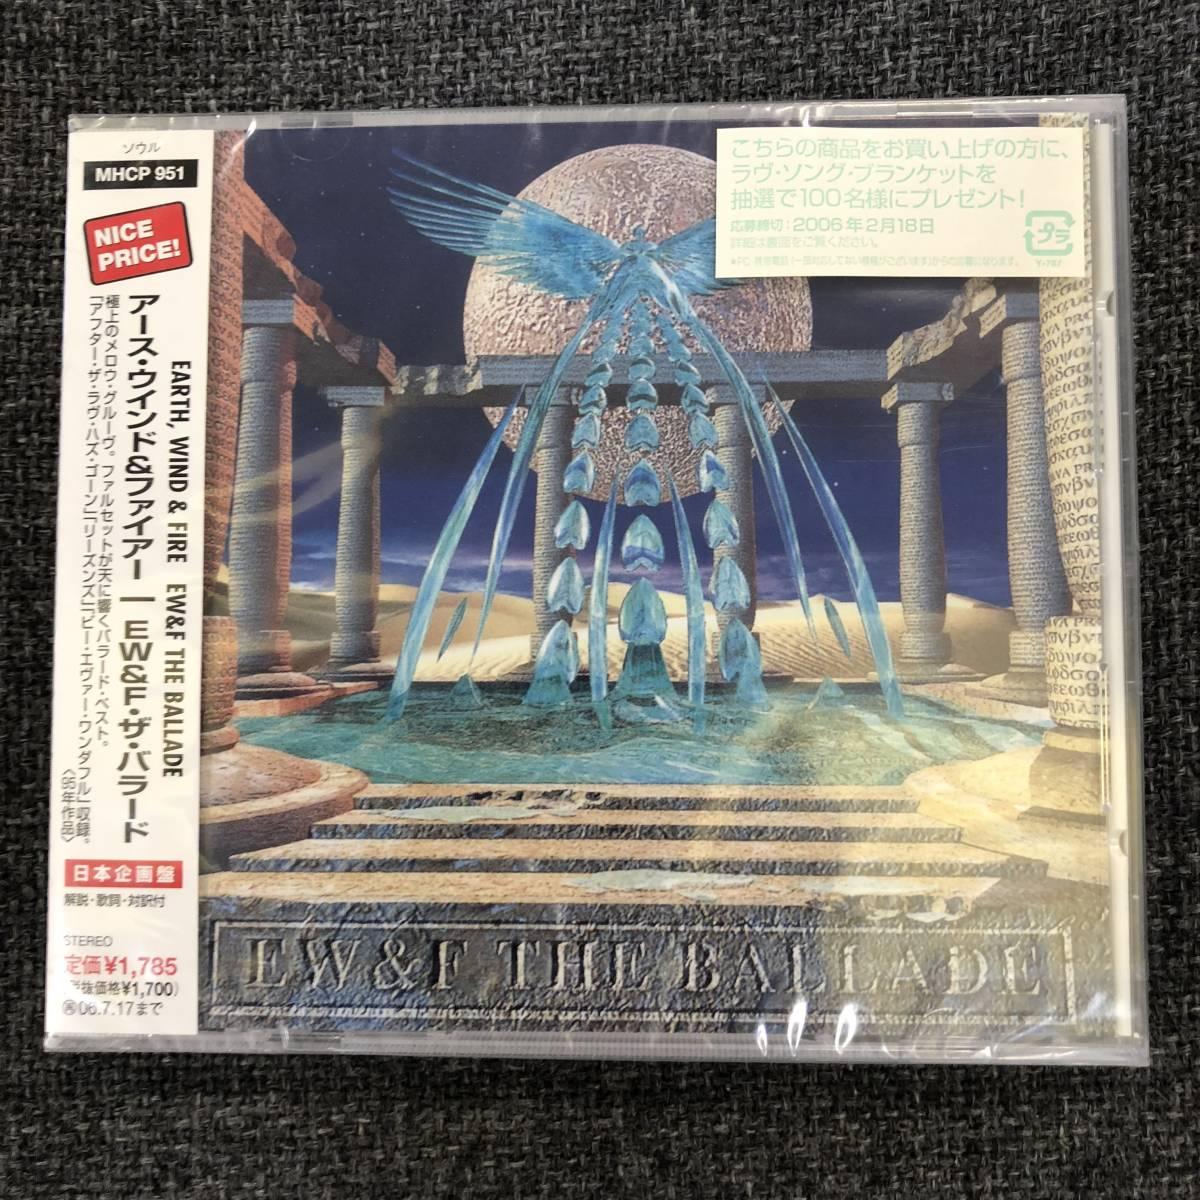 新品未開封CD☆ アース・ウィンド&ファイアー EW&F・ザ・バラード/<MHCP951 >.